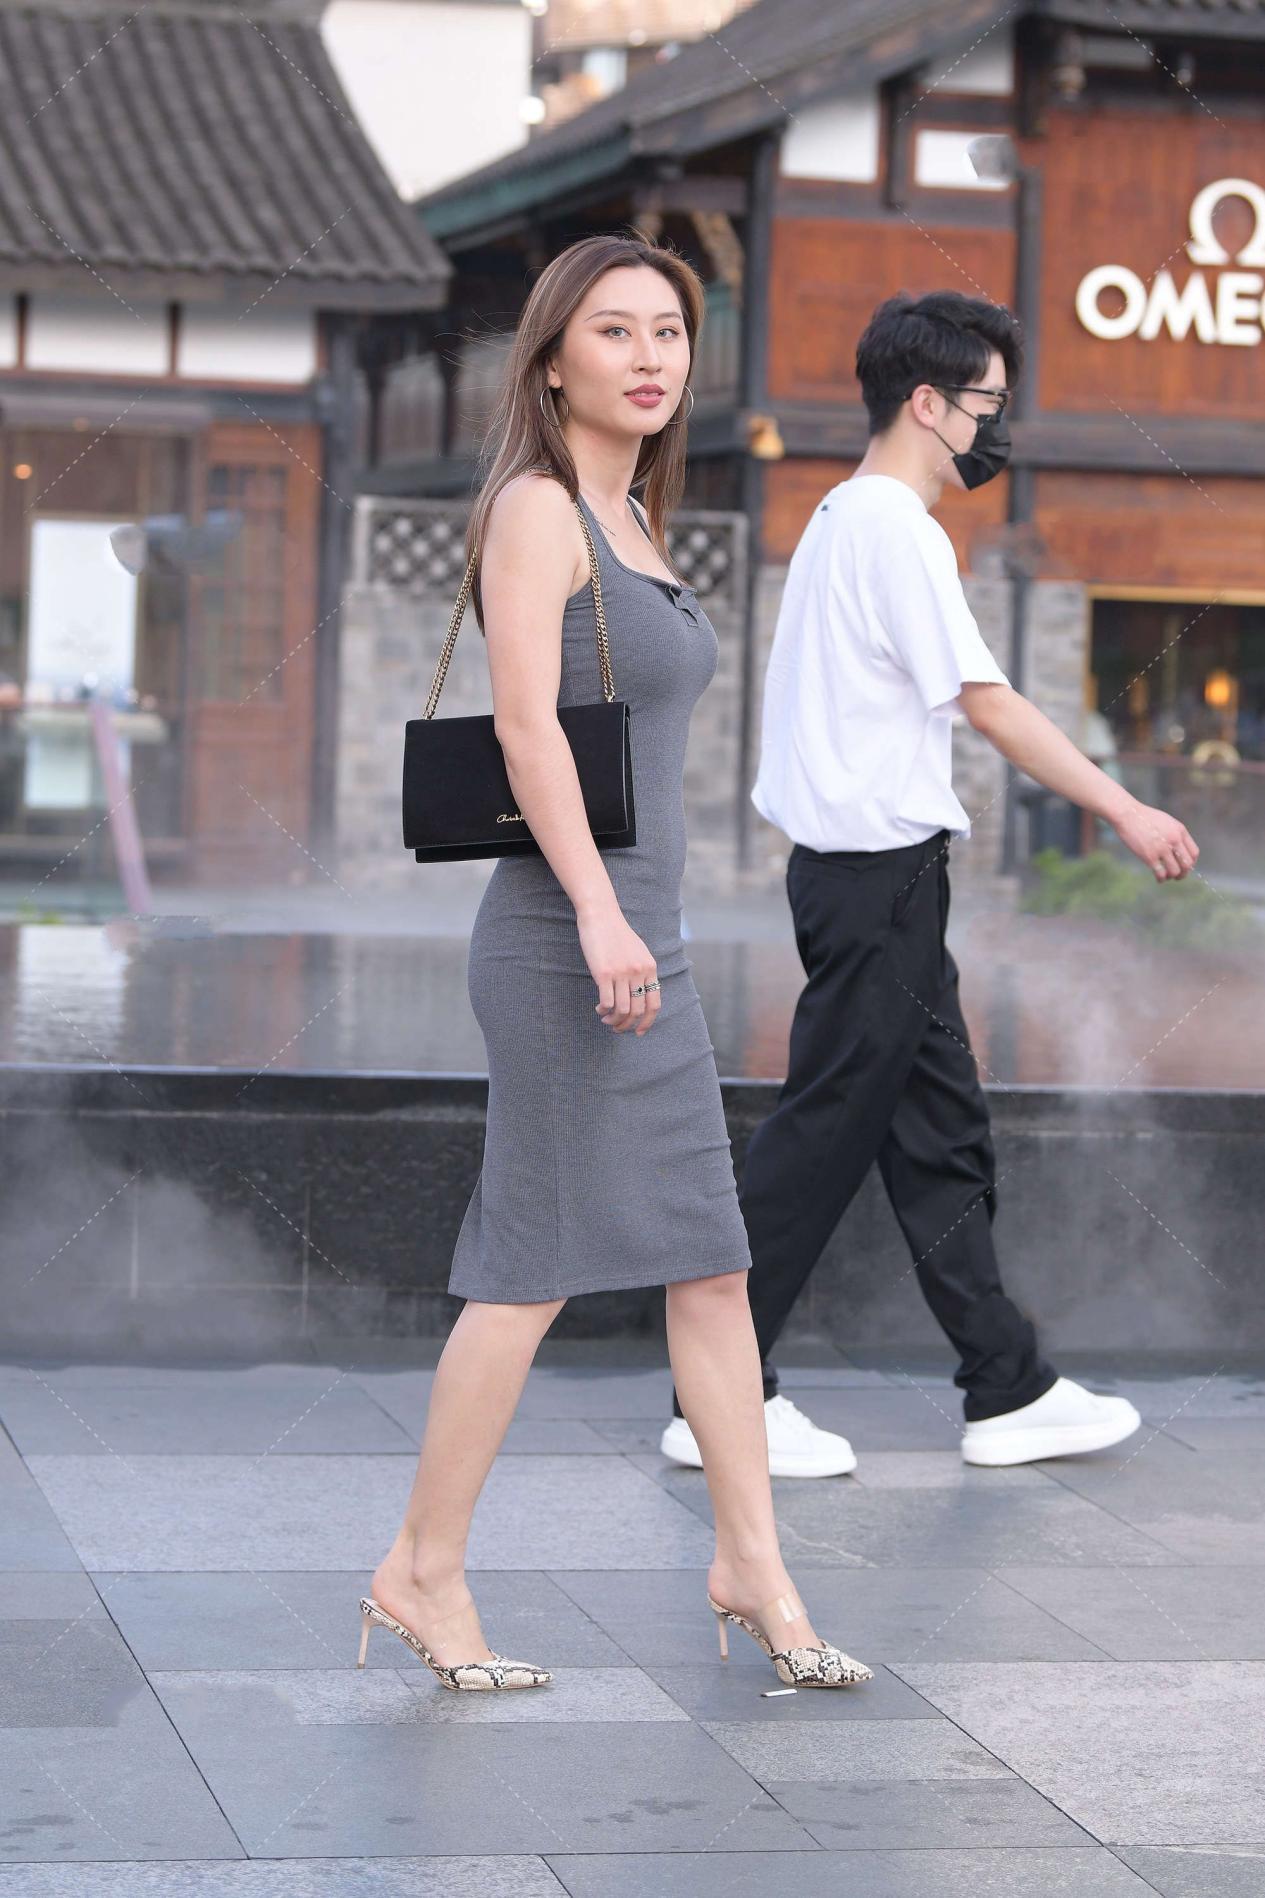 灰色连衣裙欧美风十足,蛇纹高跟鞋气场强大,轻欧美风高冷霸气